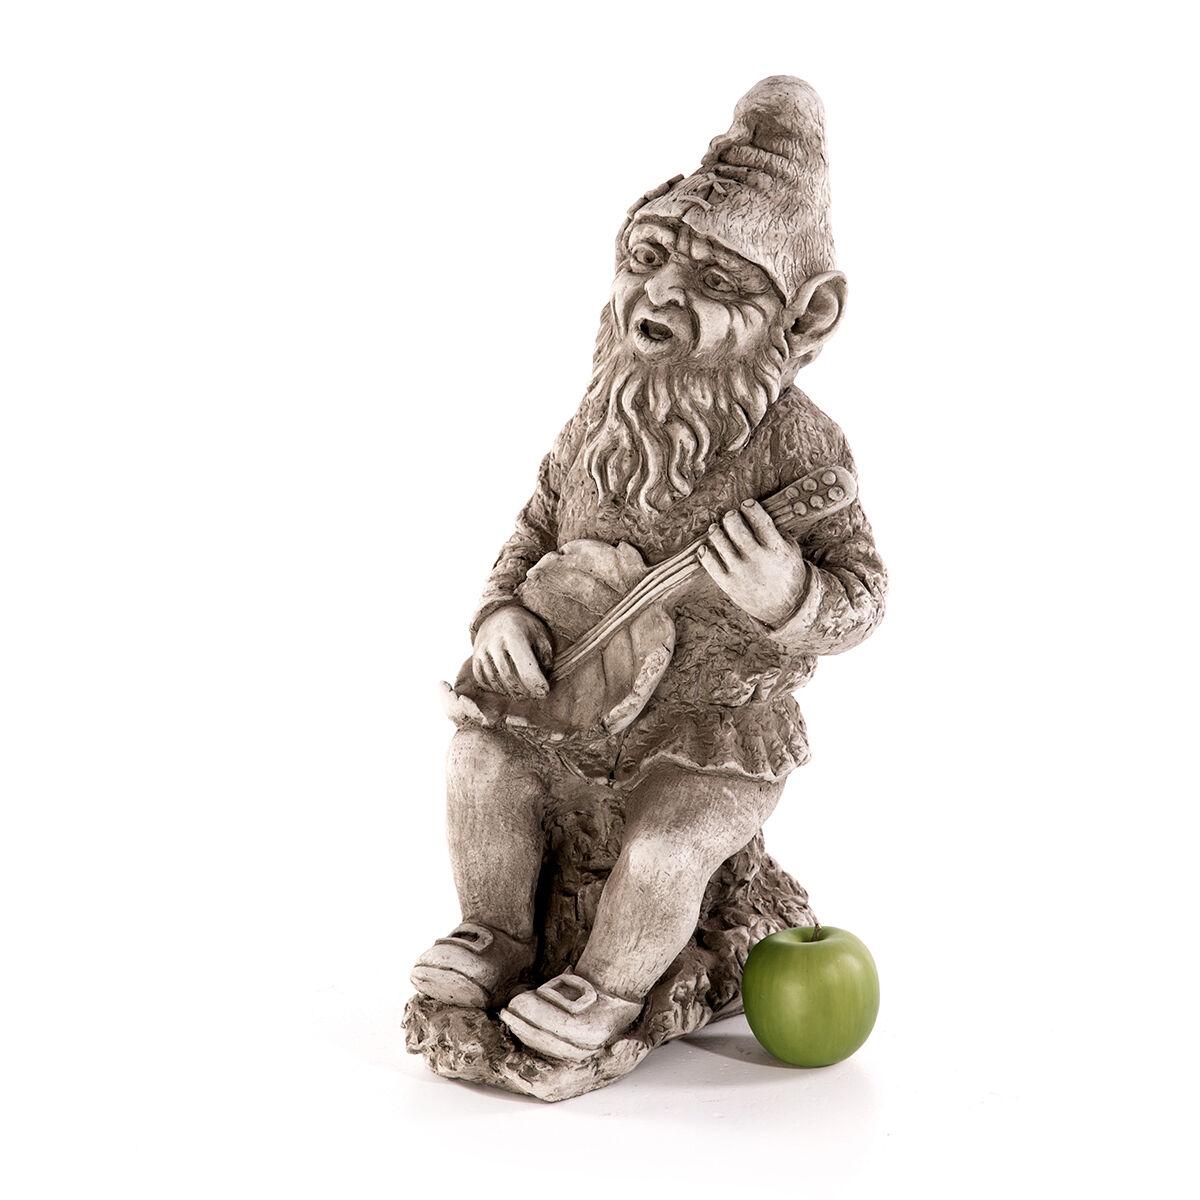 wholesape economico Pietra Personaggi Nano pietra FIGURE sculture Sabbia Pietra personaggi personaggi personaggi animali 472849  miglior servizio